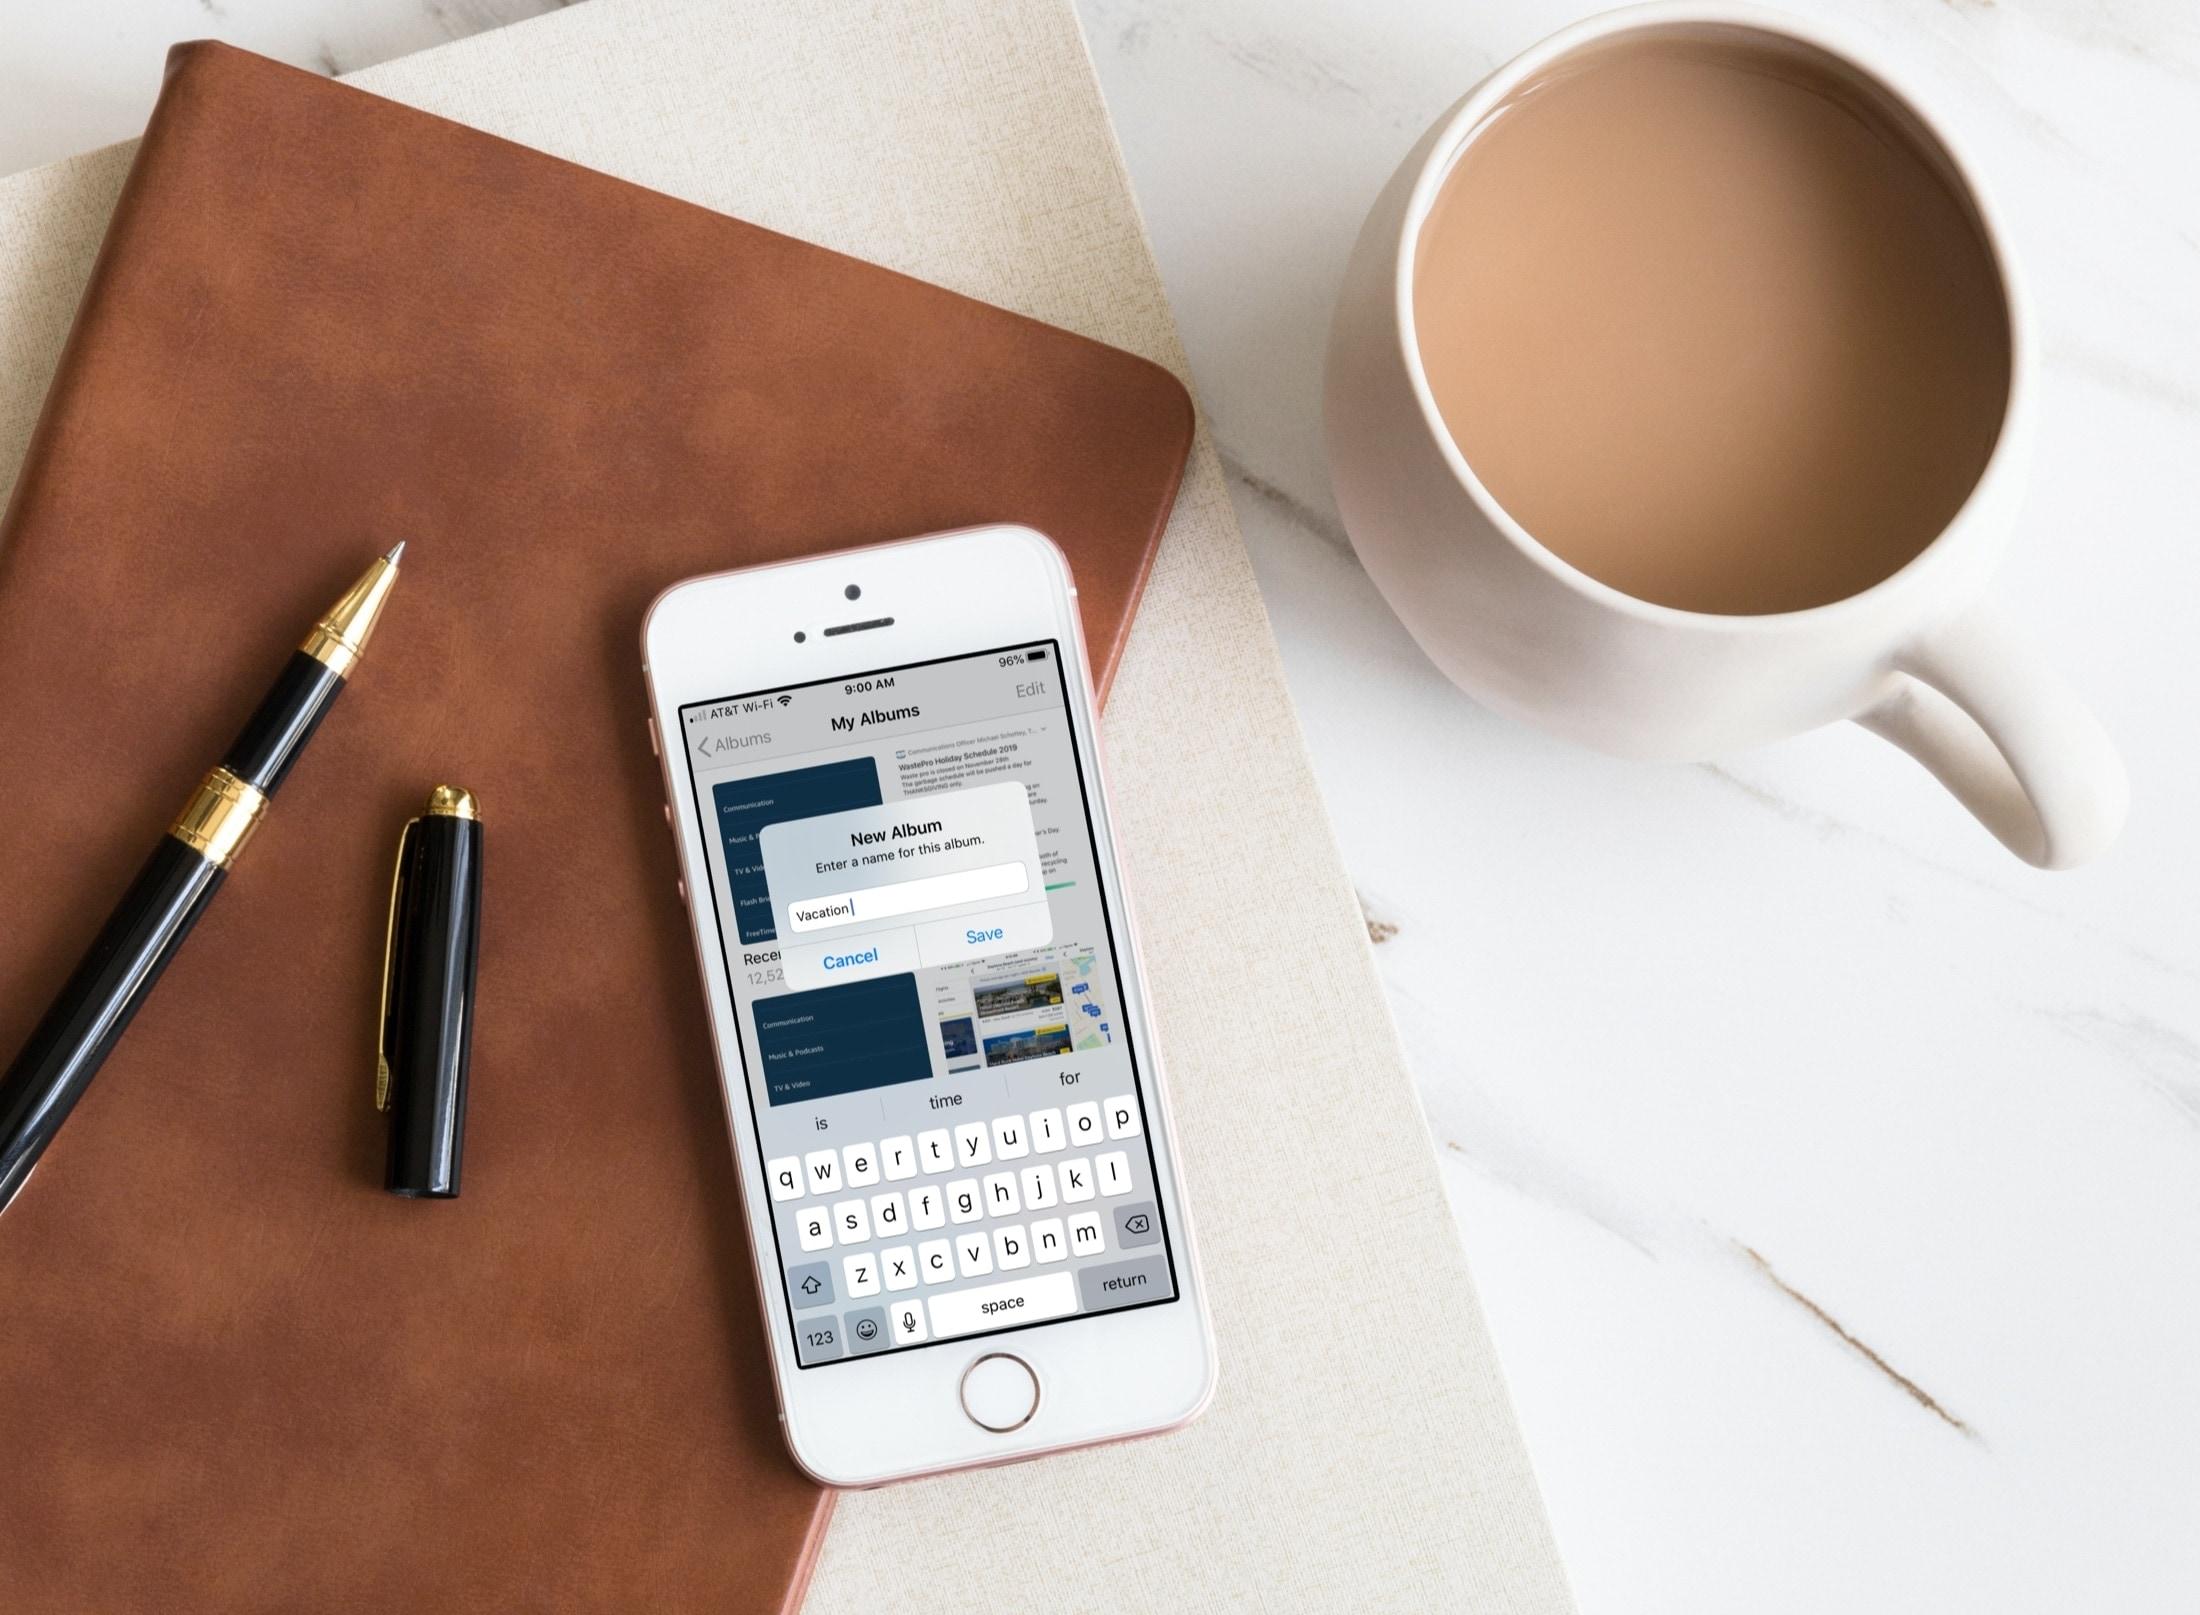 Create New Album in Photos iPhone